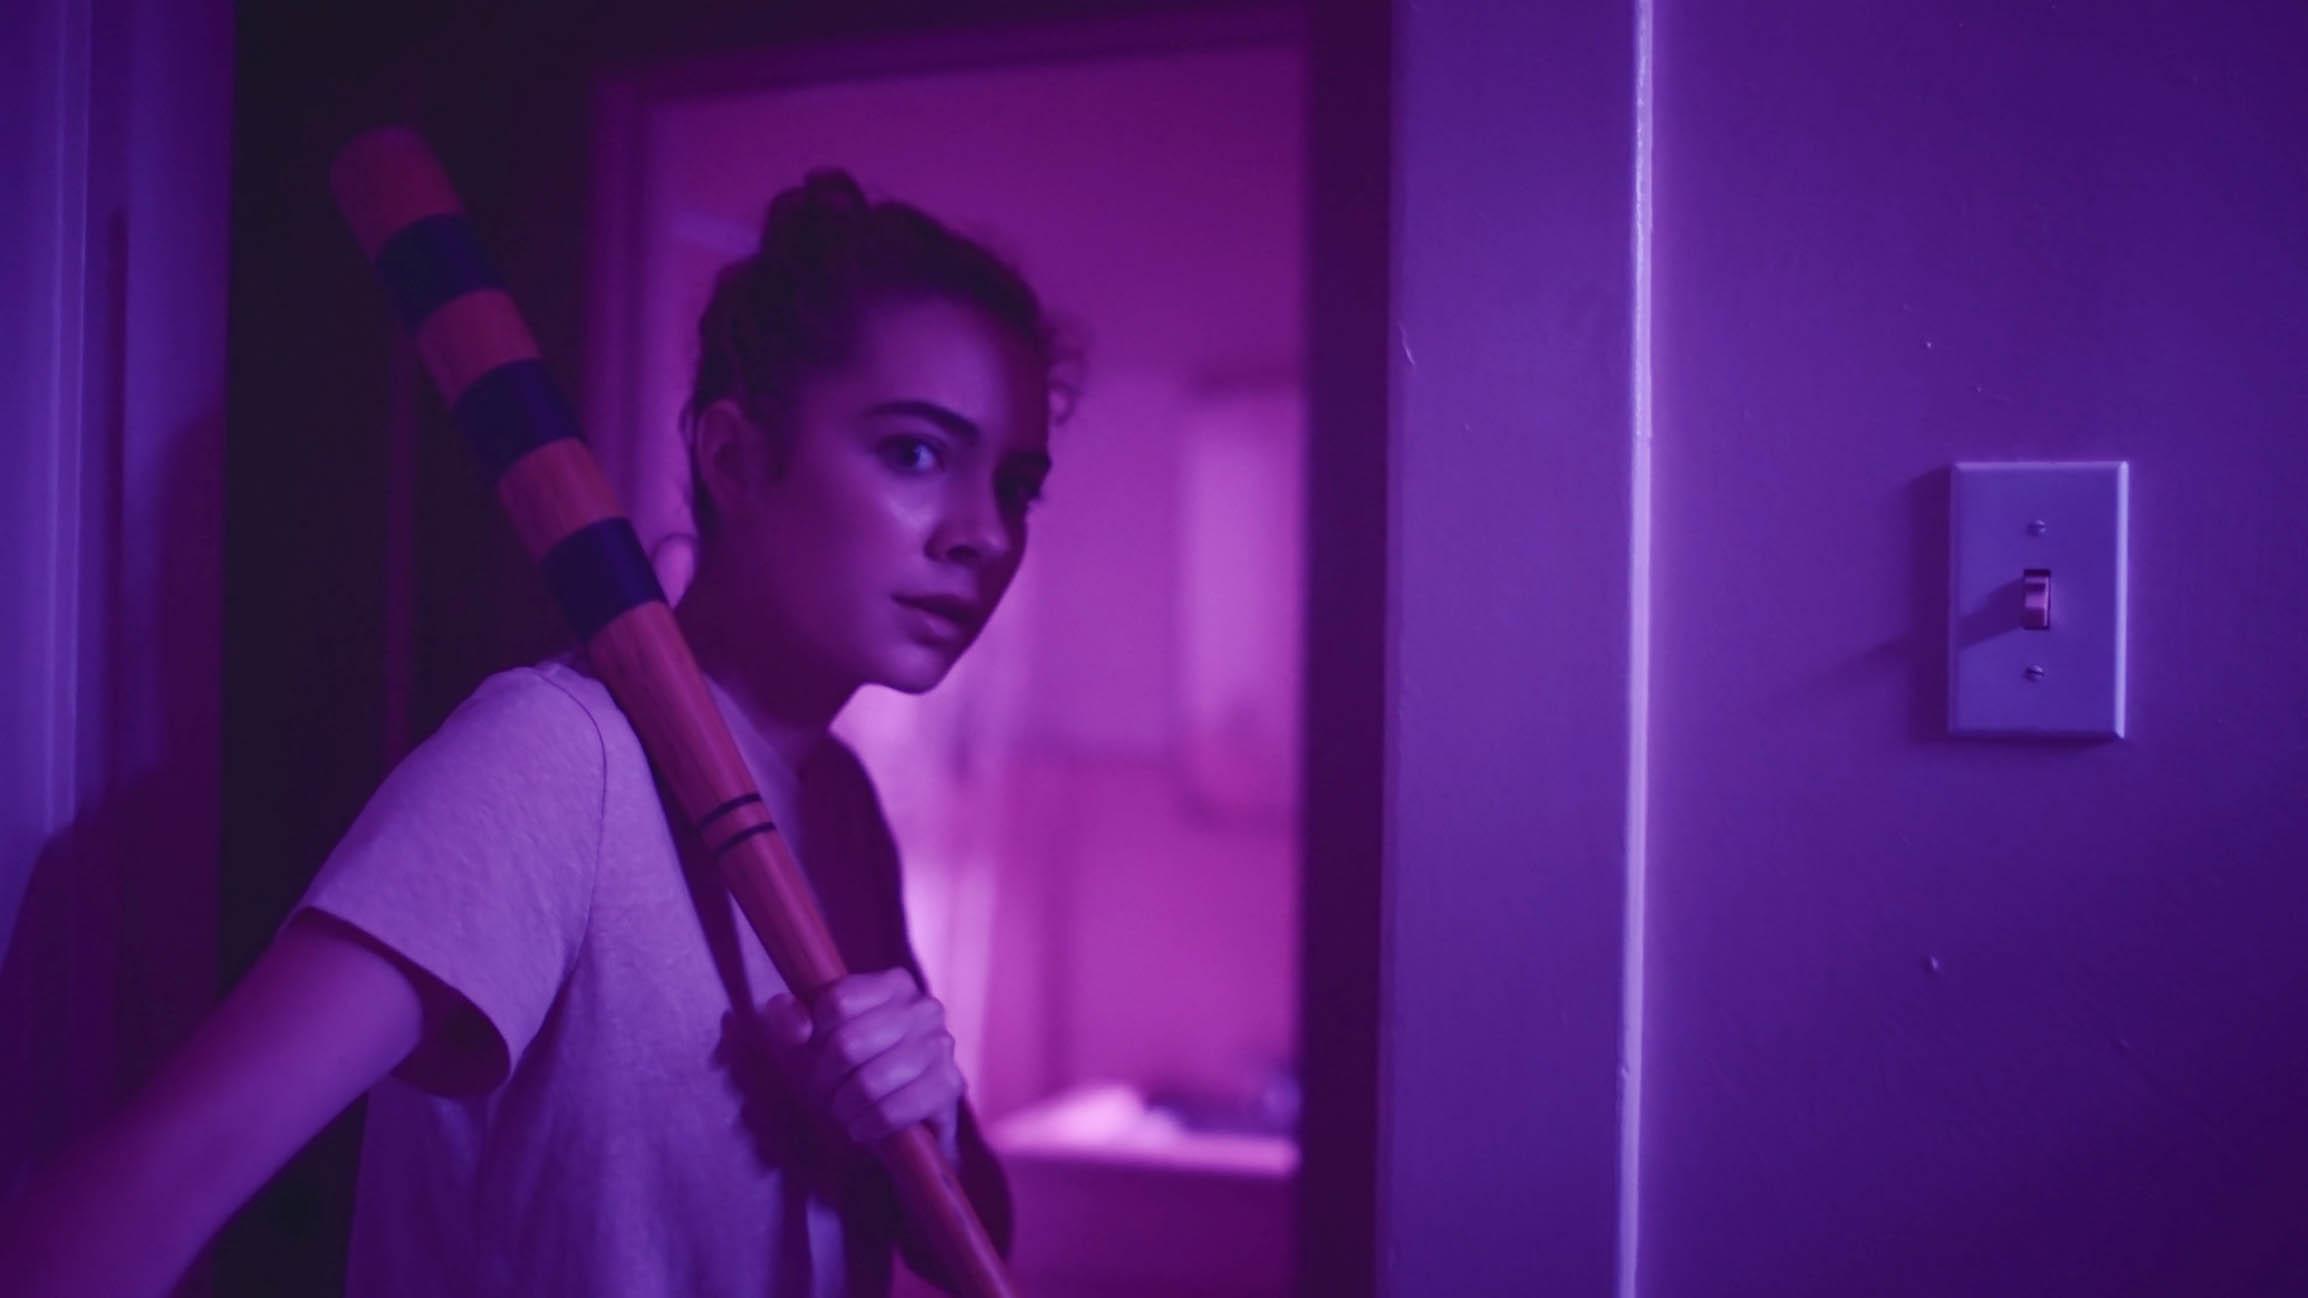 Behind Door Two - Short Film